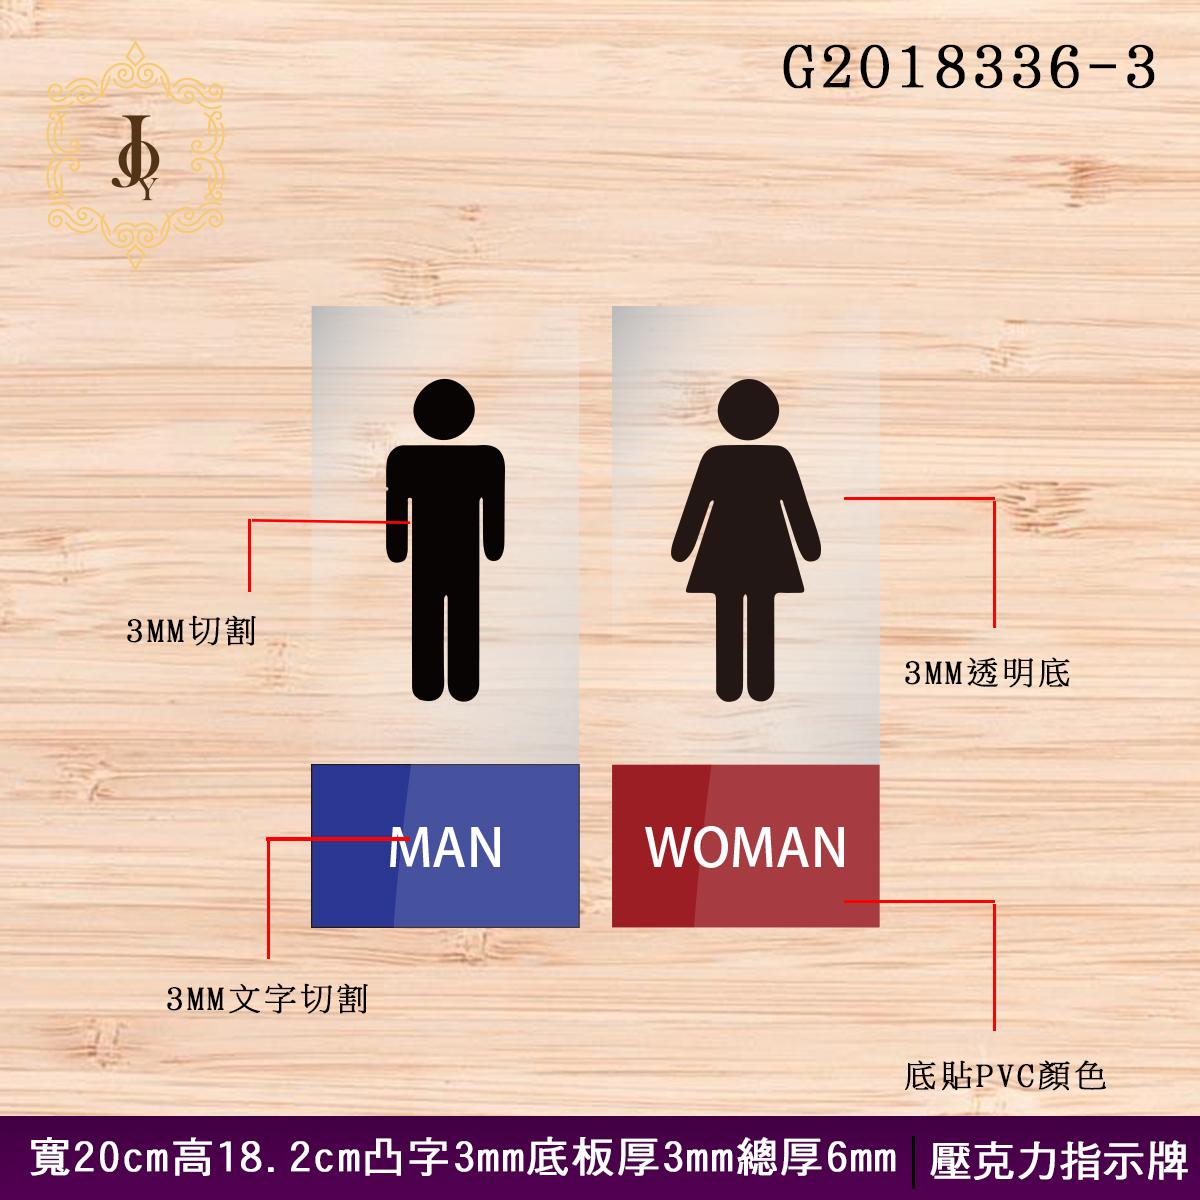 質感透明底壓克力+割字/割型男女指示牌一對